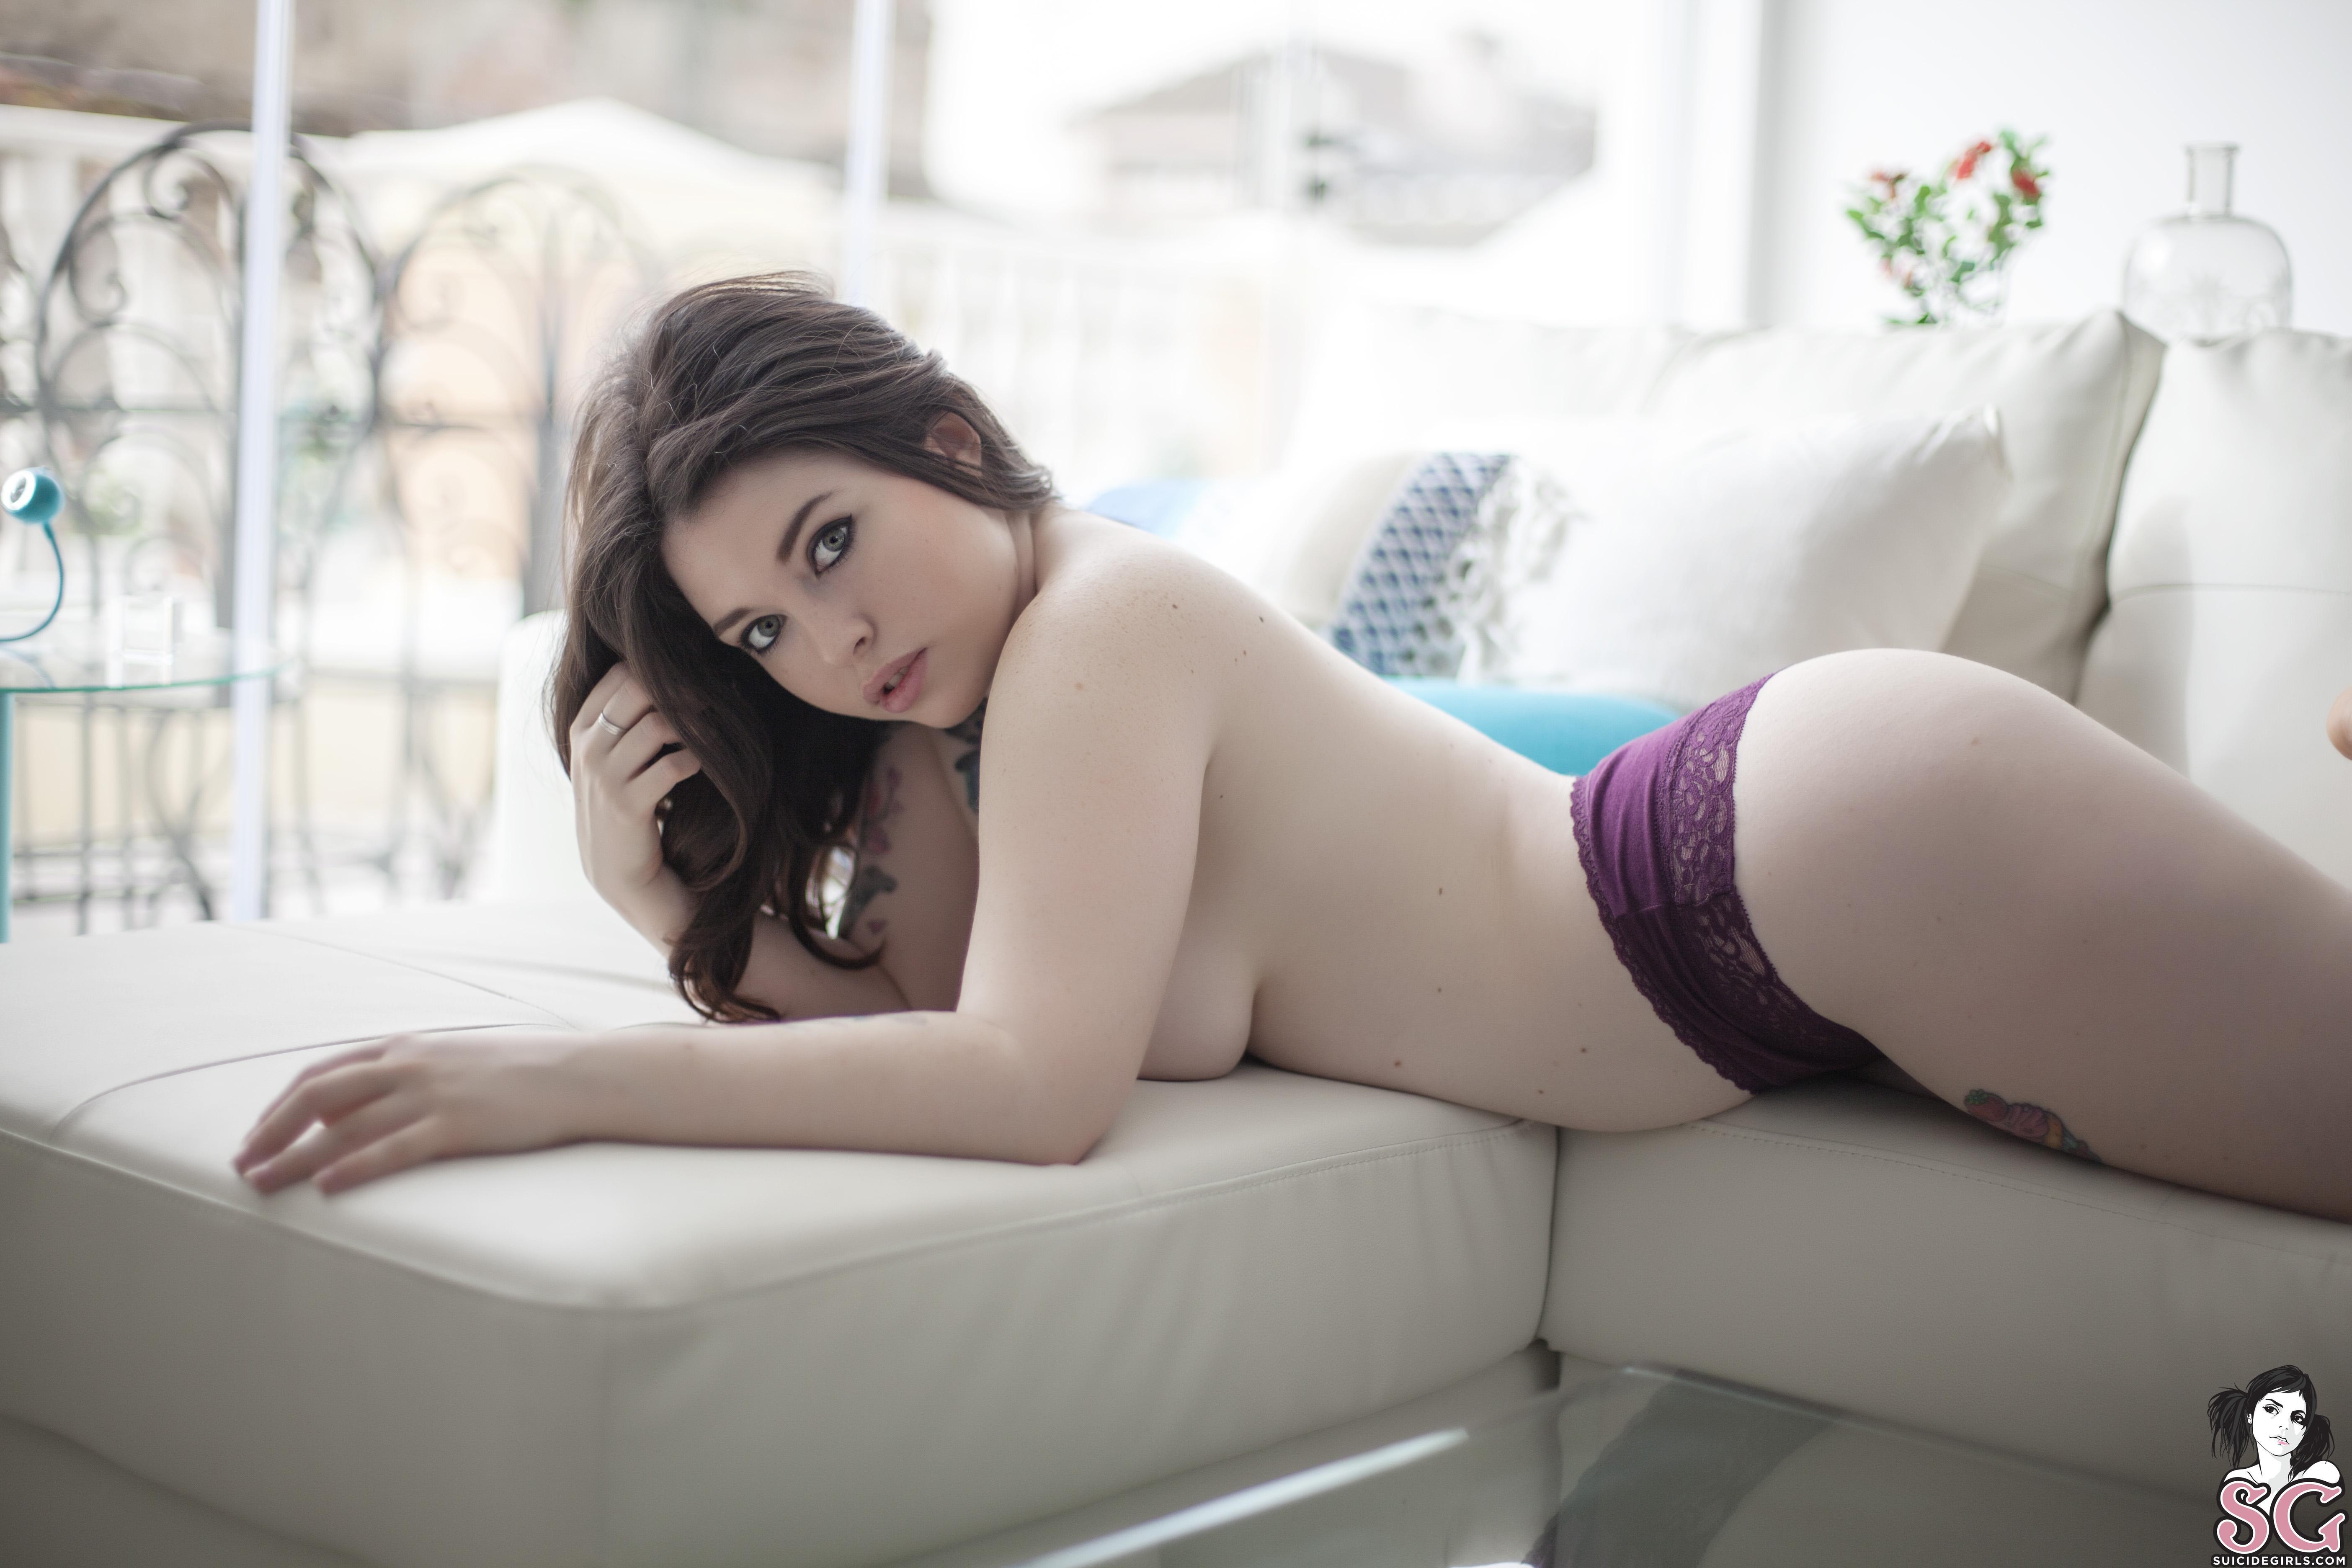 Сейчас смотрят большие сиськи, девушка шалит на веб камеру онлайн